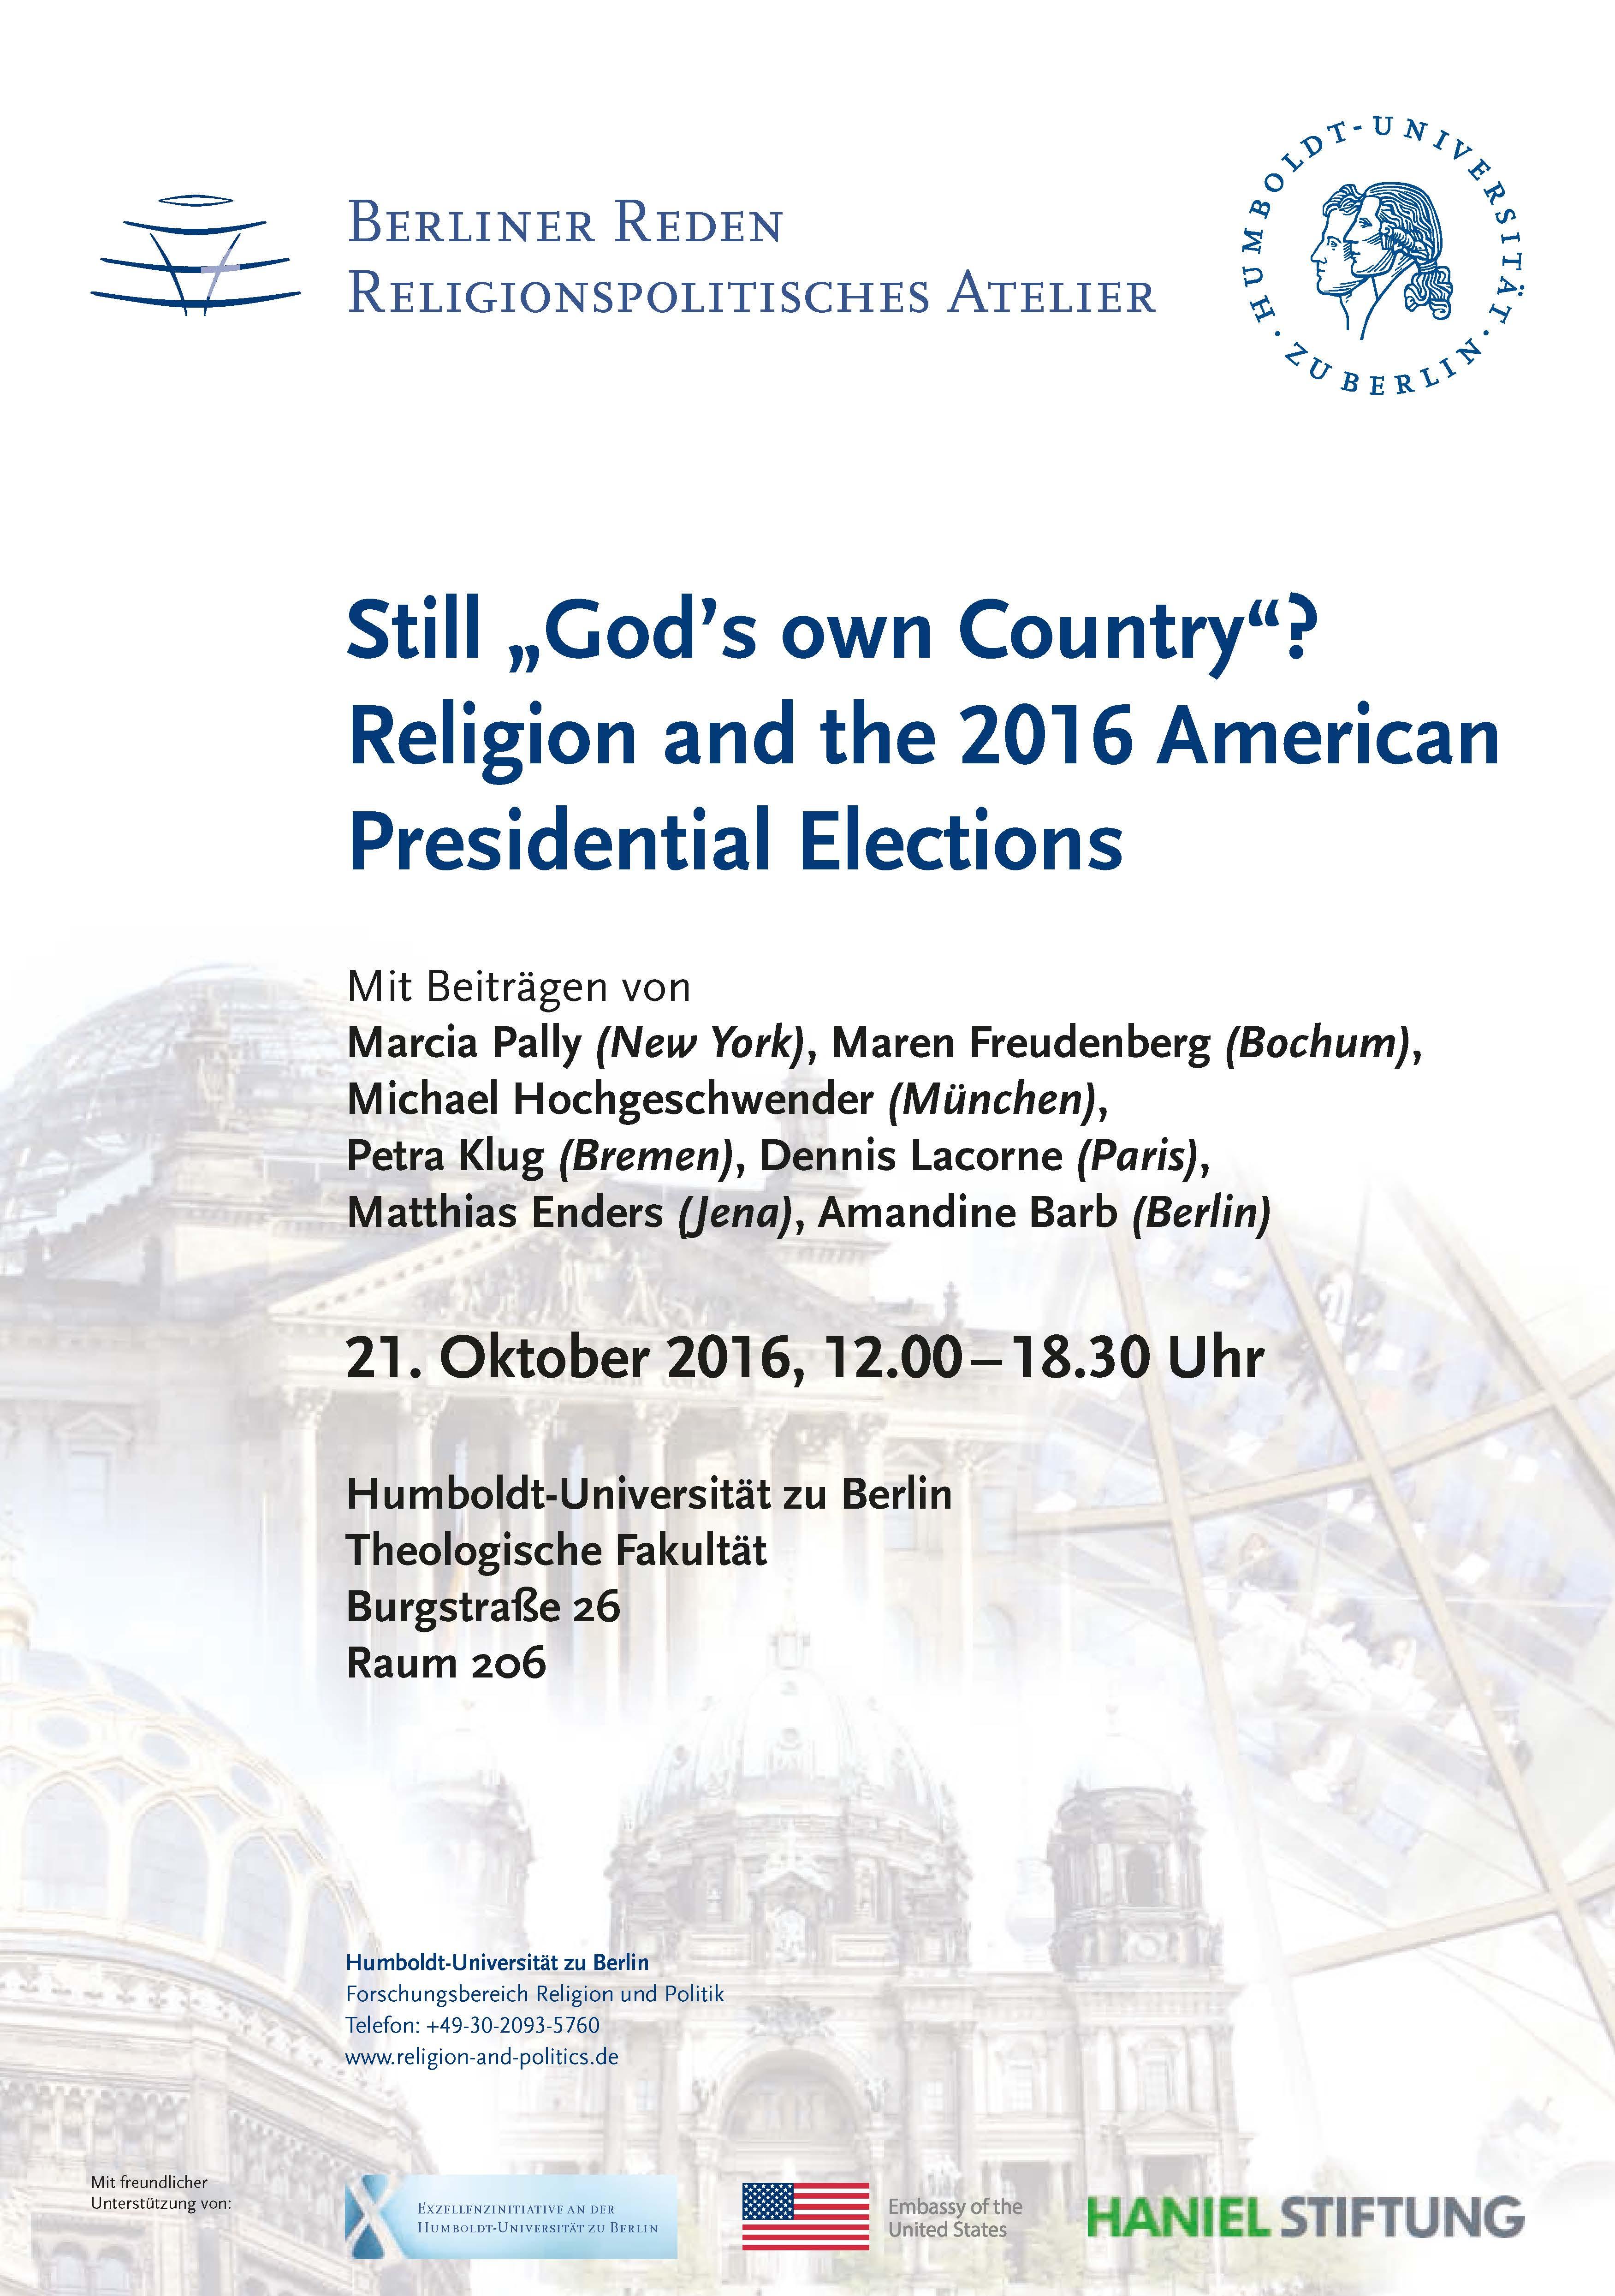 Politik und Theologie (46) 10 2016 A5 web